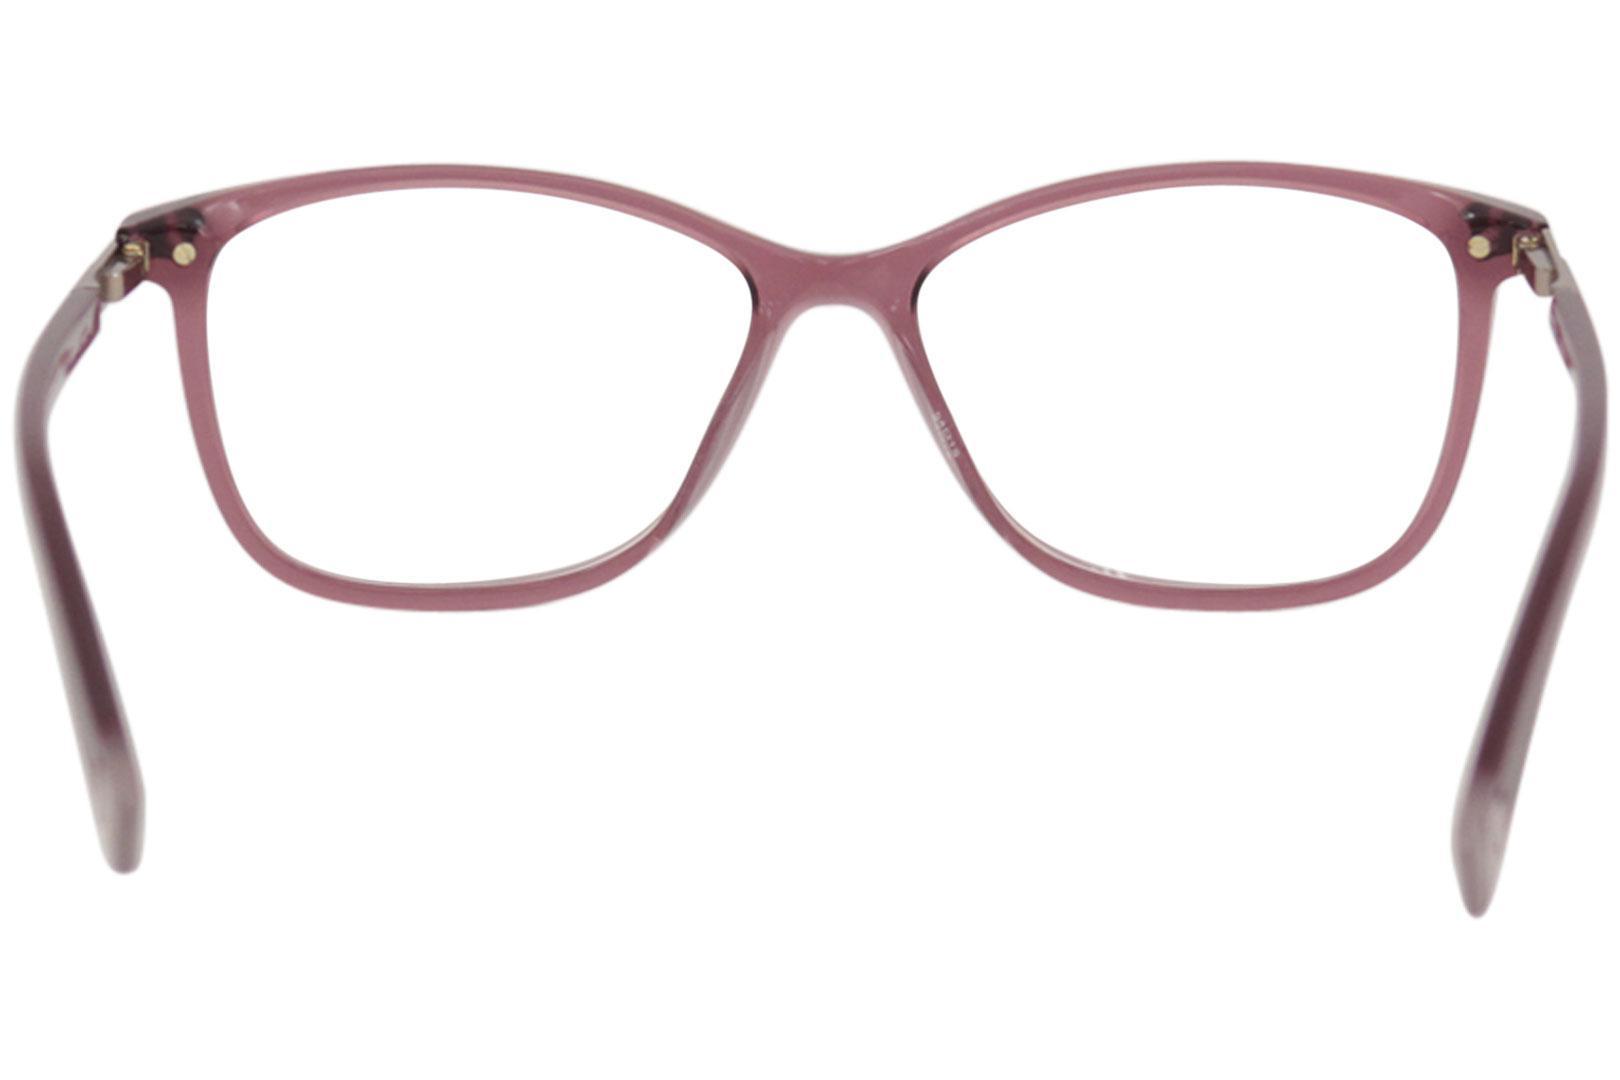 a4ff1f3dd404 Furla Women's Eyeglasses VFU026 VFU/026 Full Rim Optical Frame